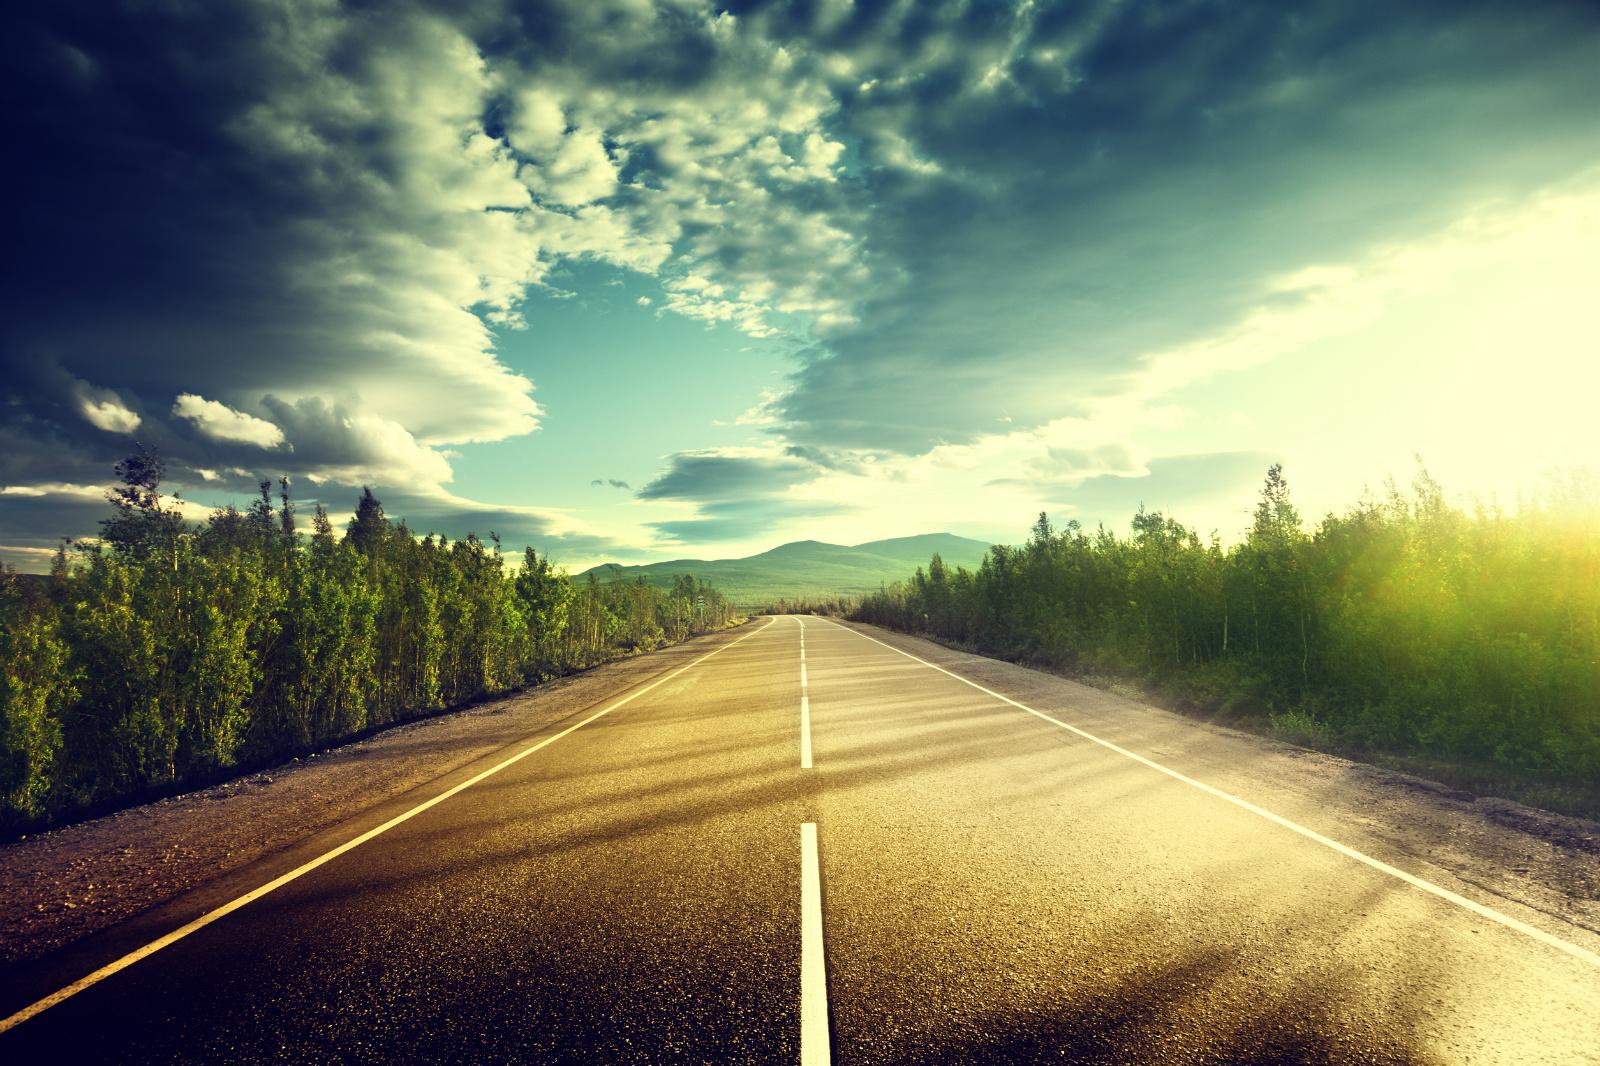 人的背影公路风景图